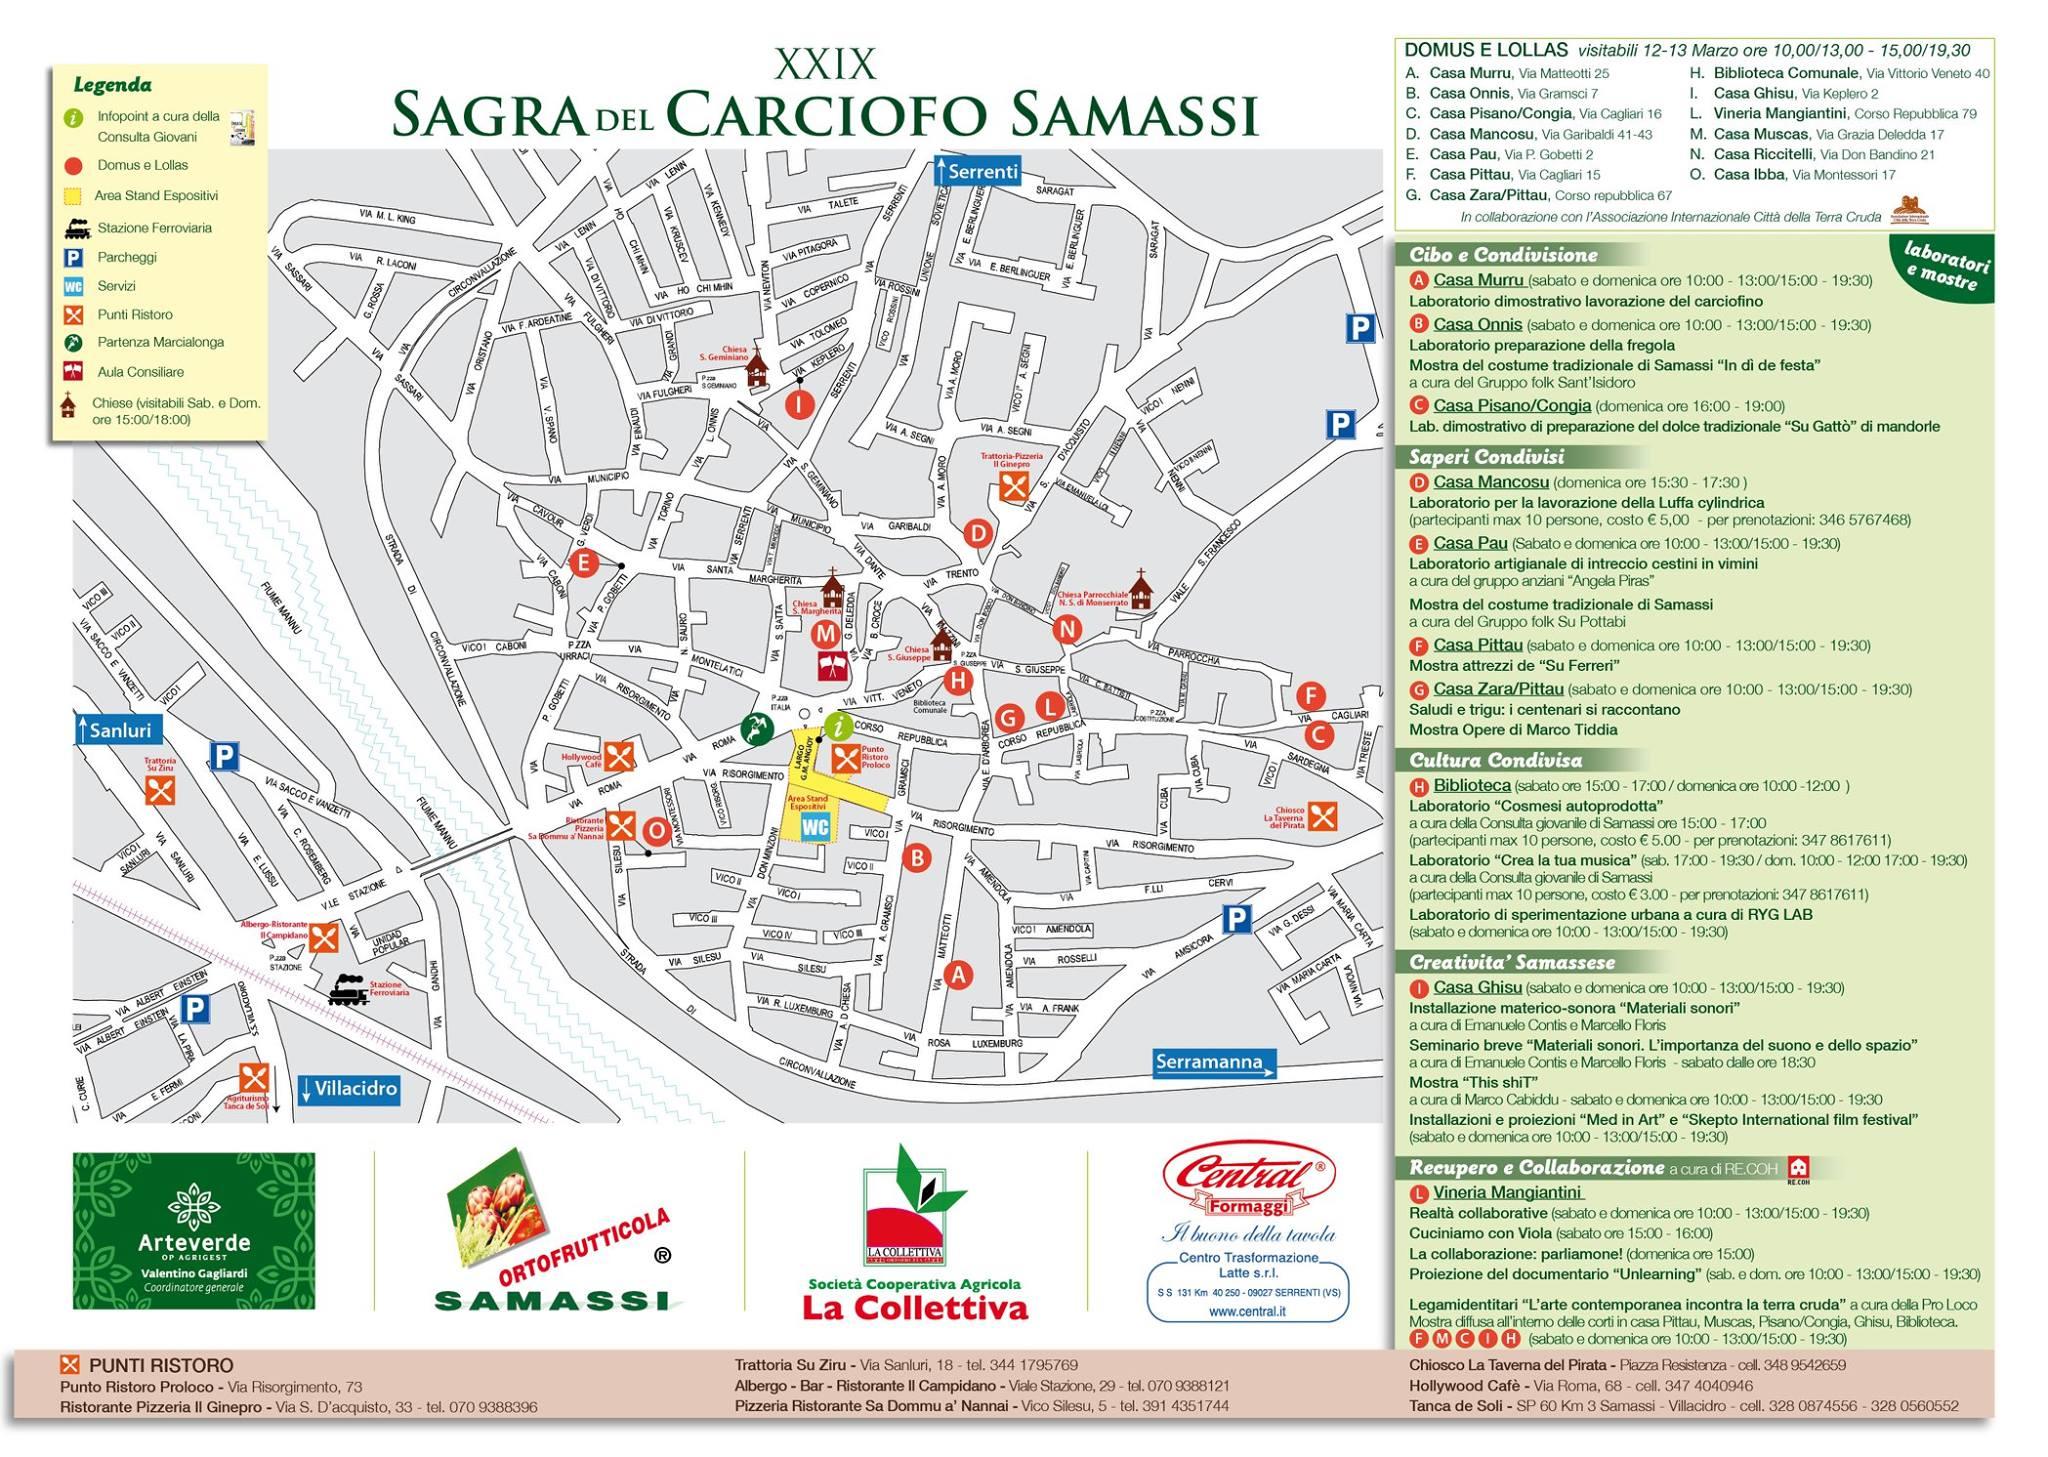 Cartina con punti ristoro della XXIX Sagra del Carciofo di Samassi 13 Marzo 2016